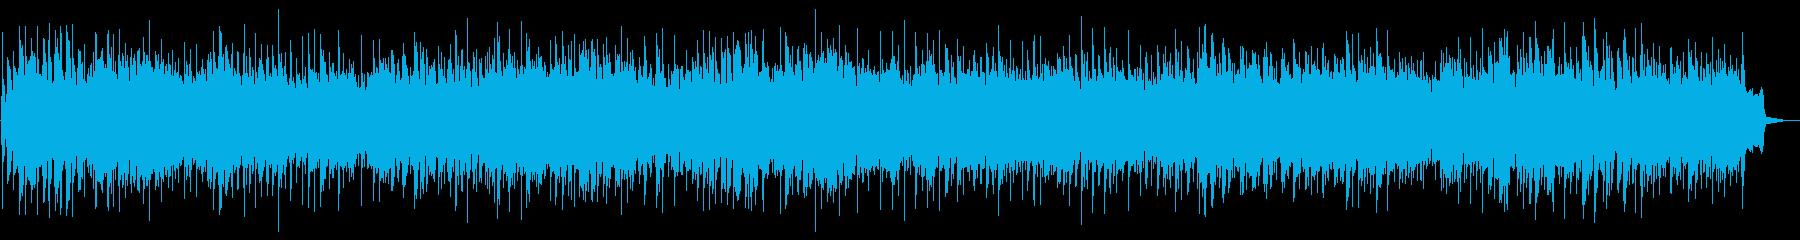 軽快なフィドルのブルーグラスソロの再生済みの波形